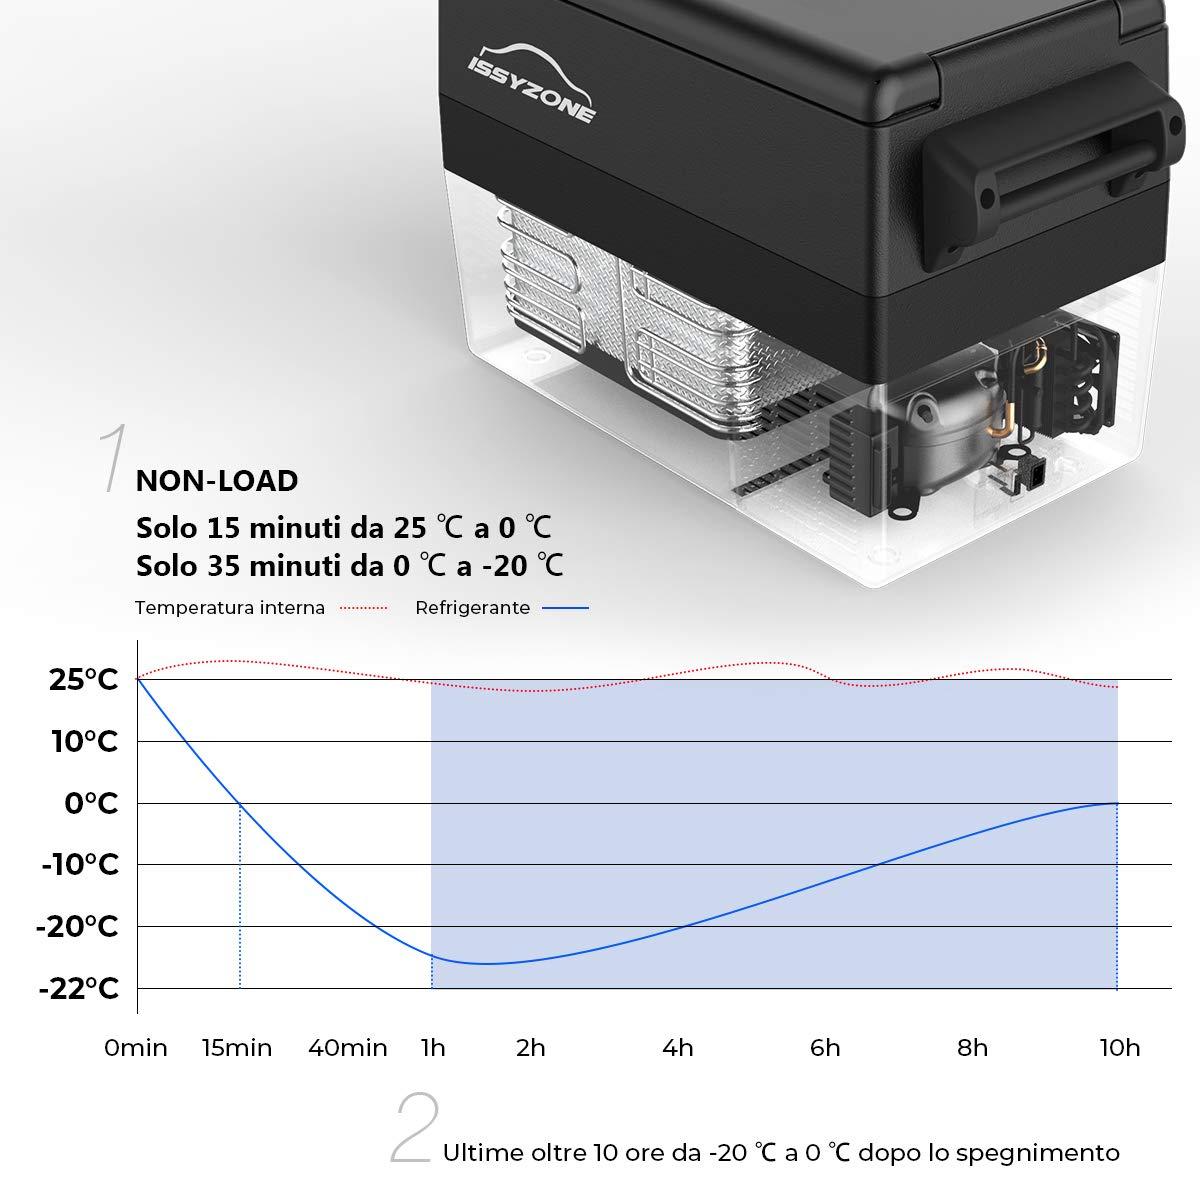 ISSYZONE 42 Litri Frigoriferi per Auto da 10 /° C a -20 /° C Frigo Freezer Portatile Compressore 12V//24V//220V//240V con Adattatore da Parete per Camion Party Viaggi Picnic Allaperto Campeggio